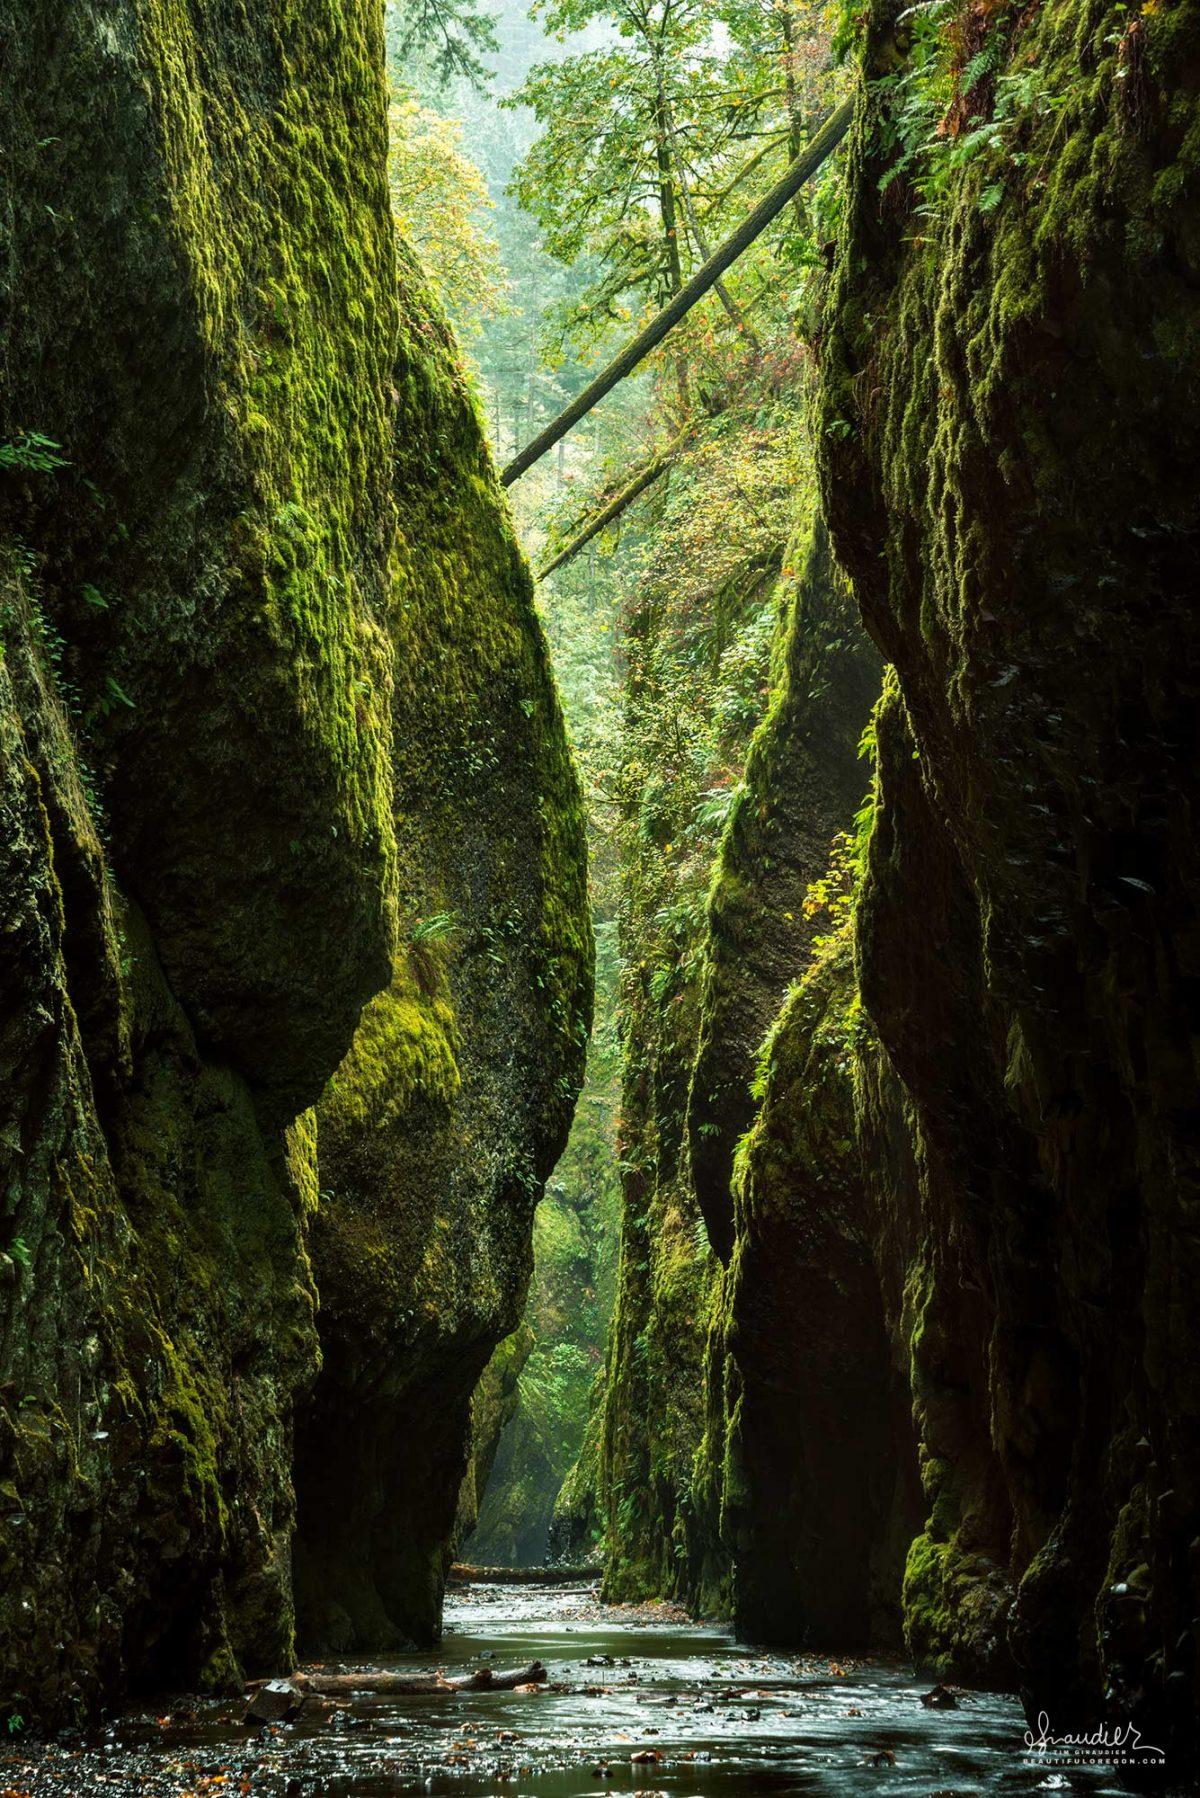 Oneonta Gorge Columbia River Gorge Oregon